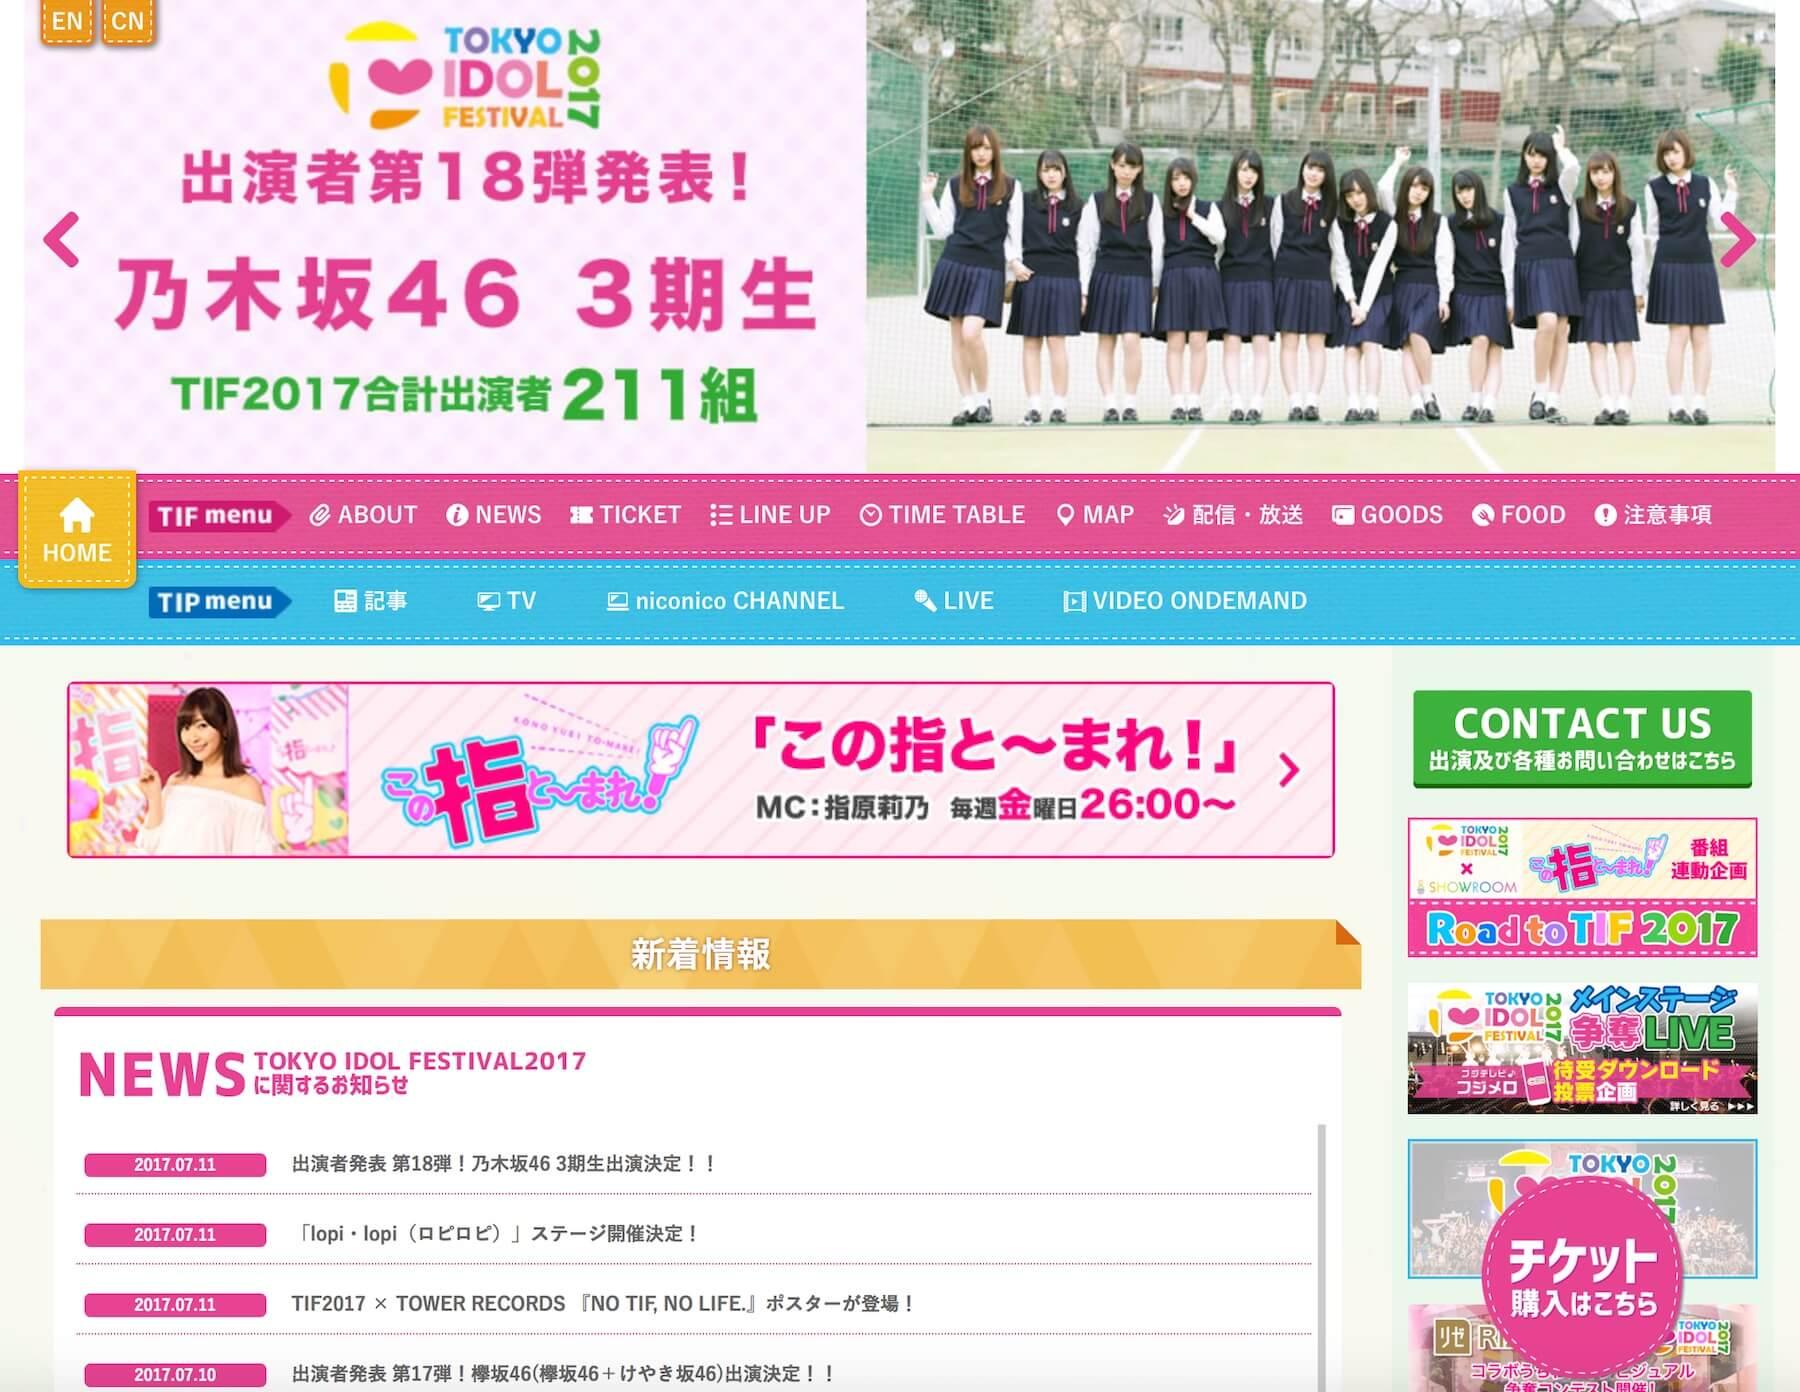 「TOKYO IDOL FESTIVAL 2017」公式サイト